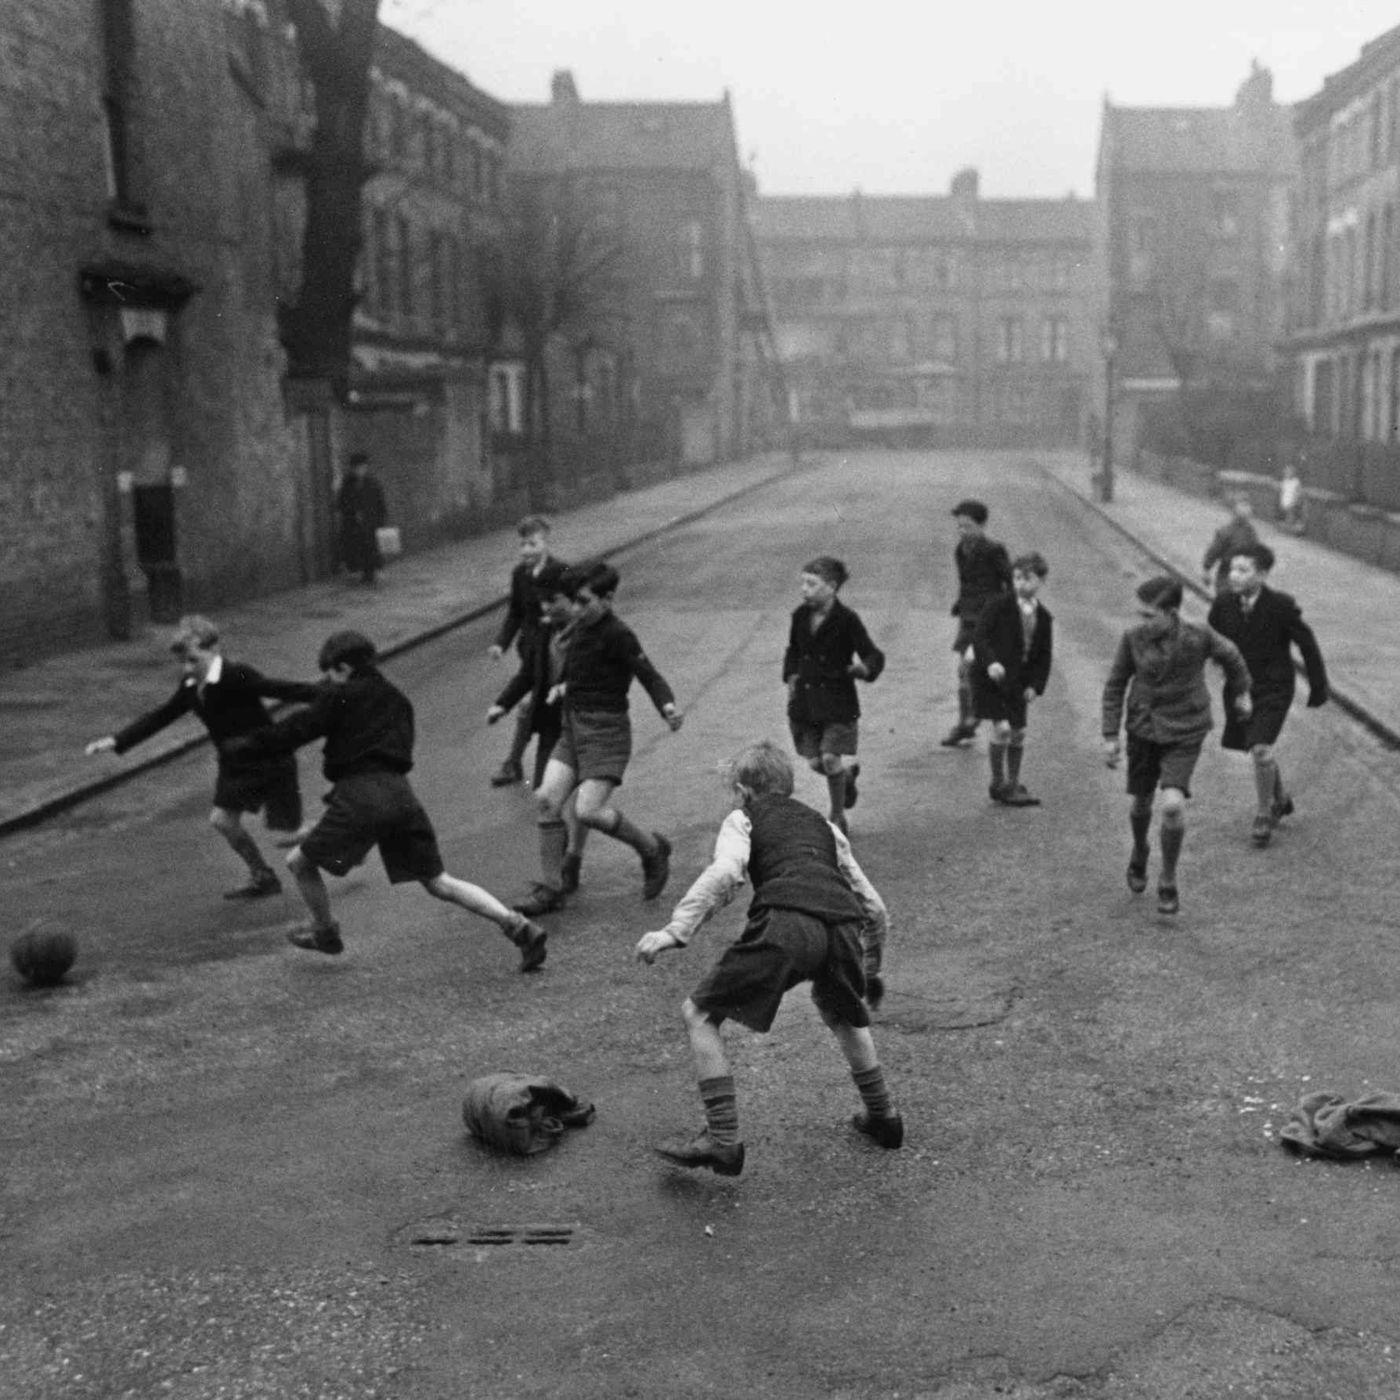 Artık Sokakta Top Oynamıyorlar: Çocukluğun Değişimi